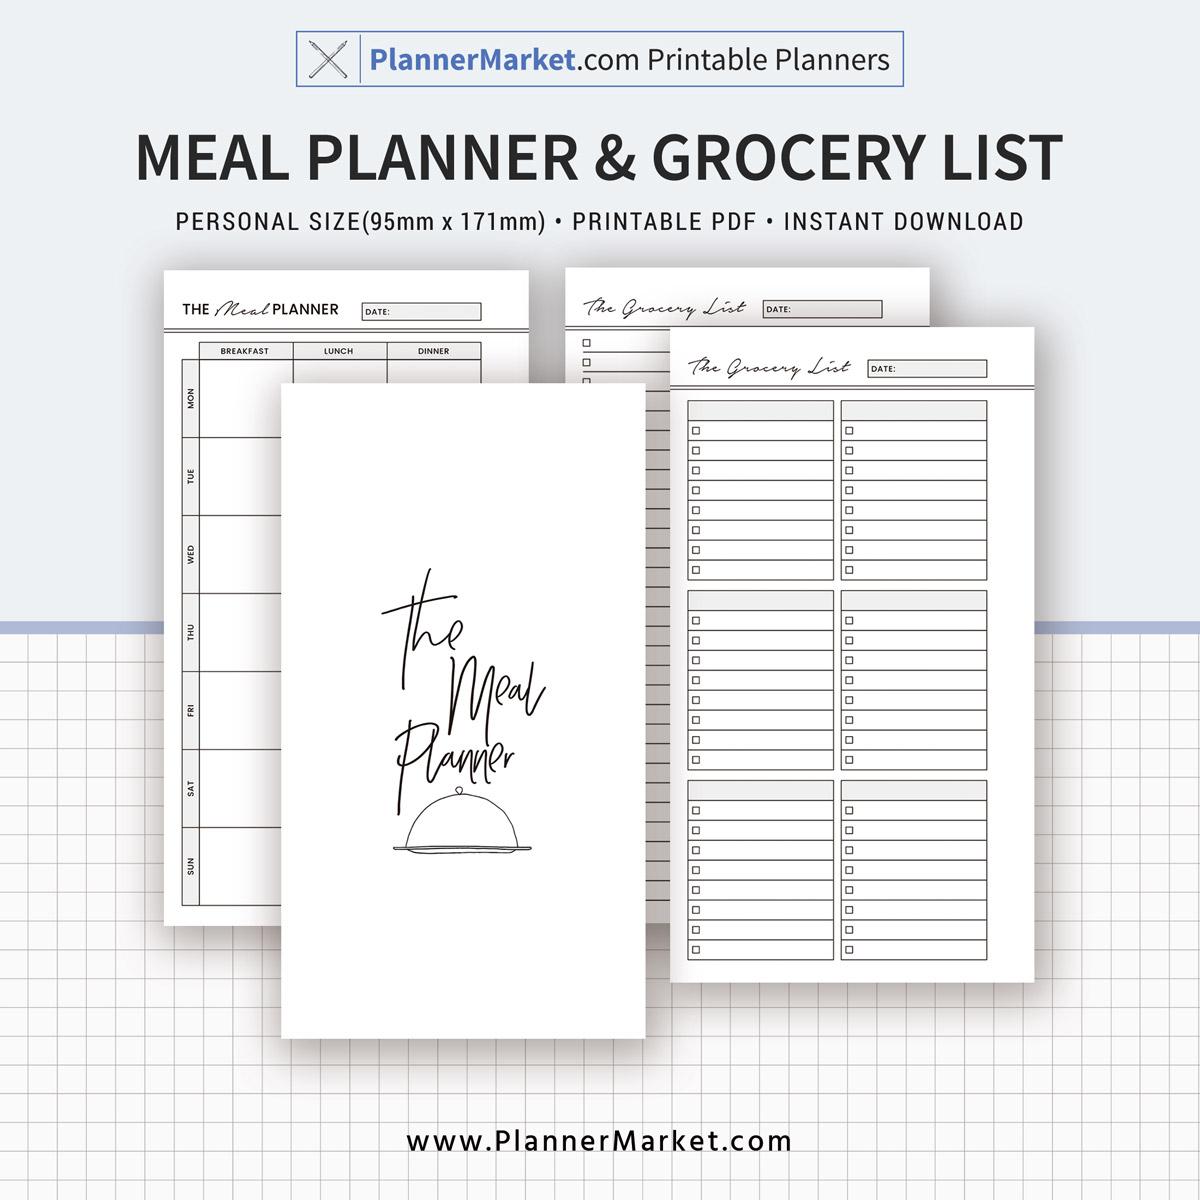 2020 Meal Planner, Menu Planner, Grocery List, Planner